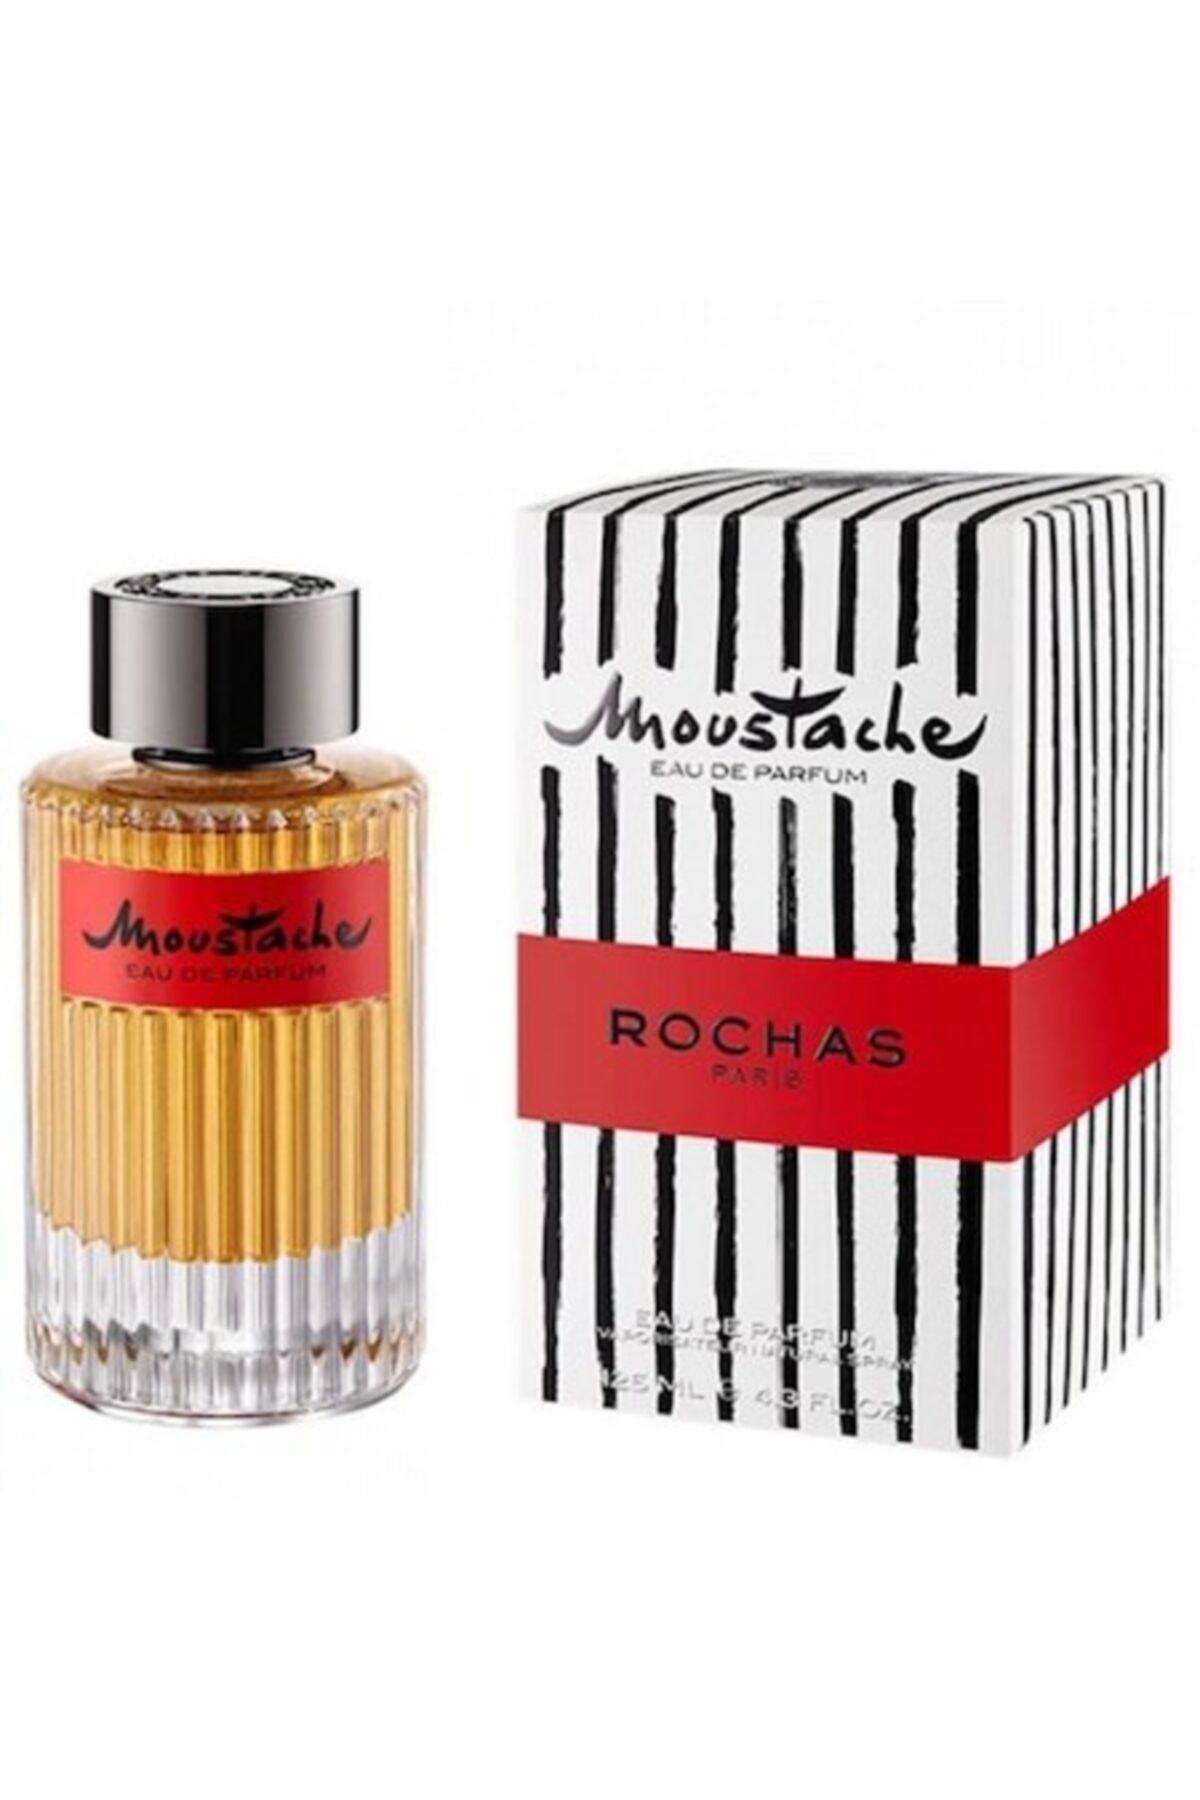 ROCHAS Moustache Edp 125 ml Erkek Parfümü 3386460102926 1